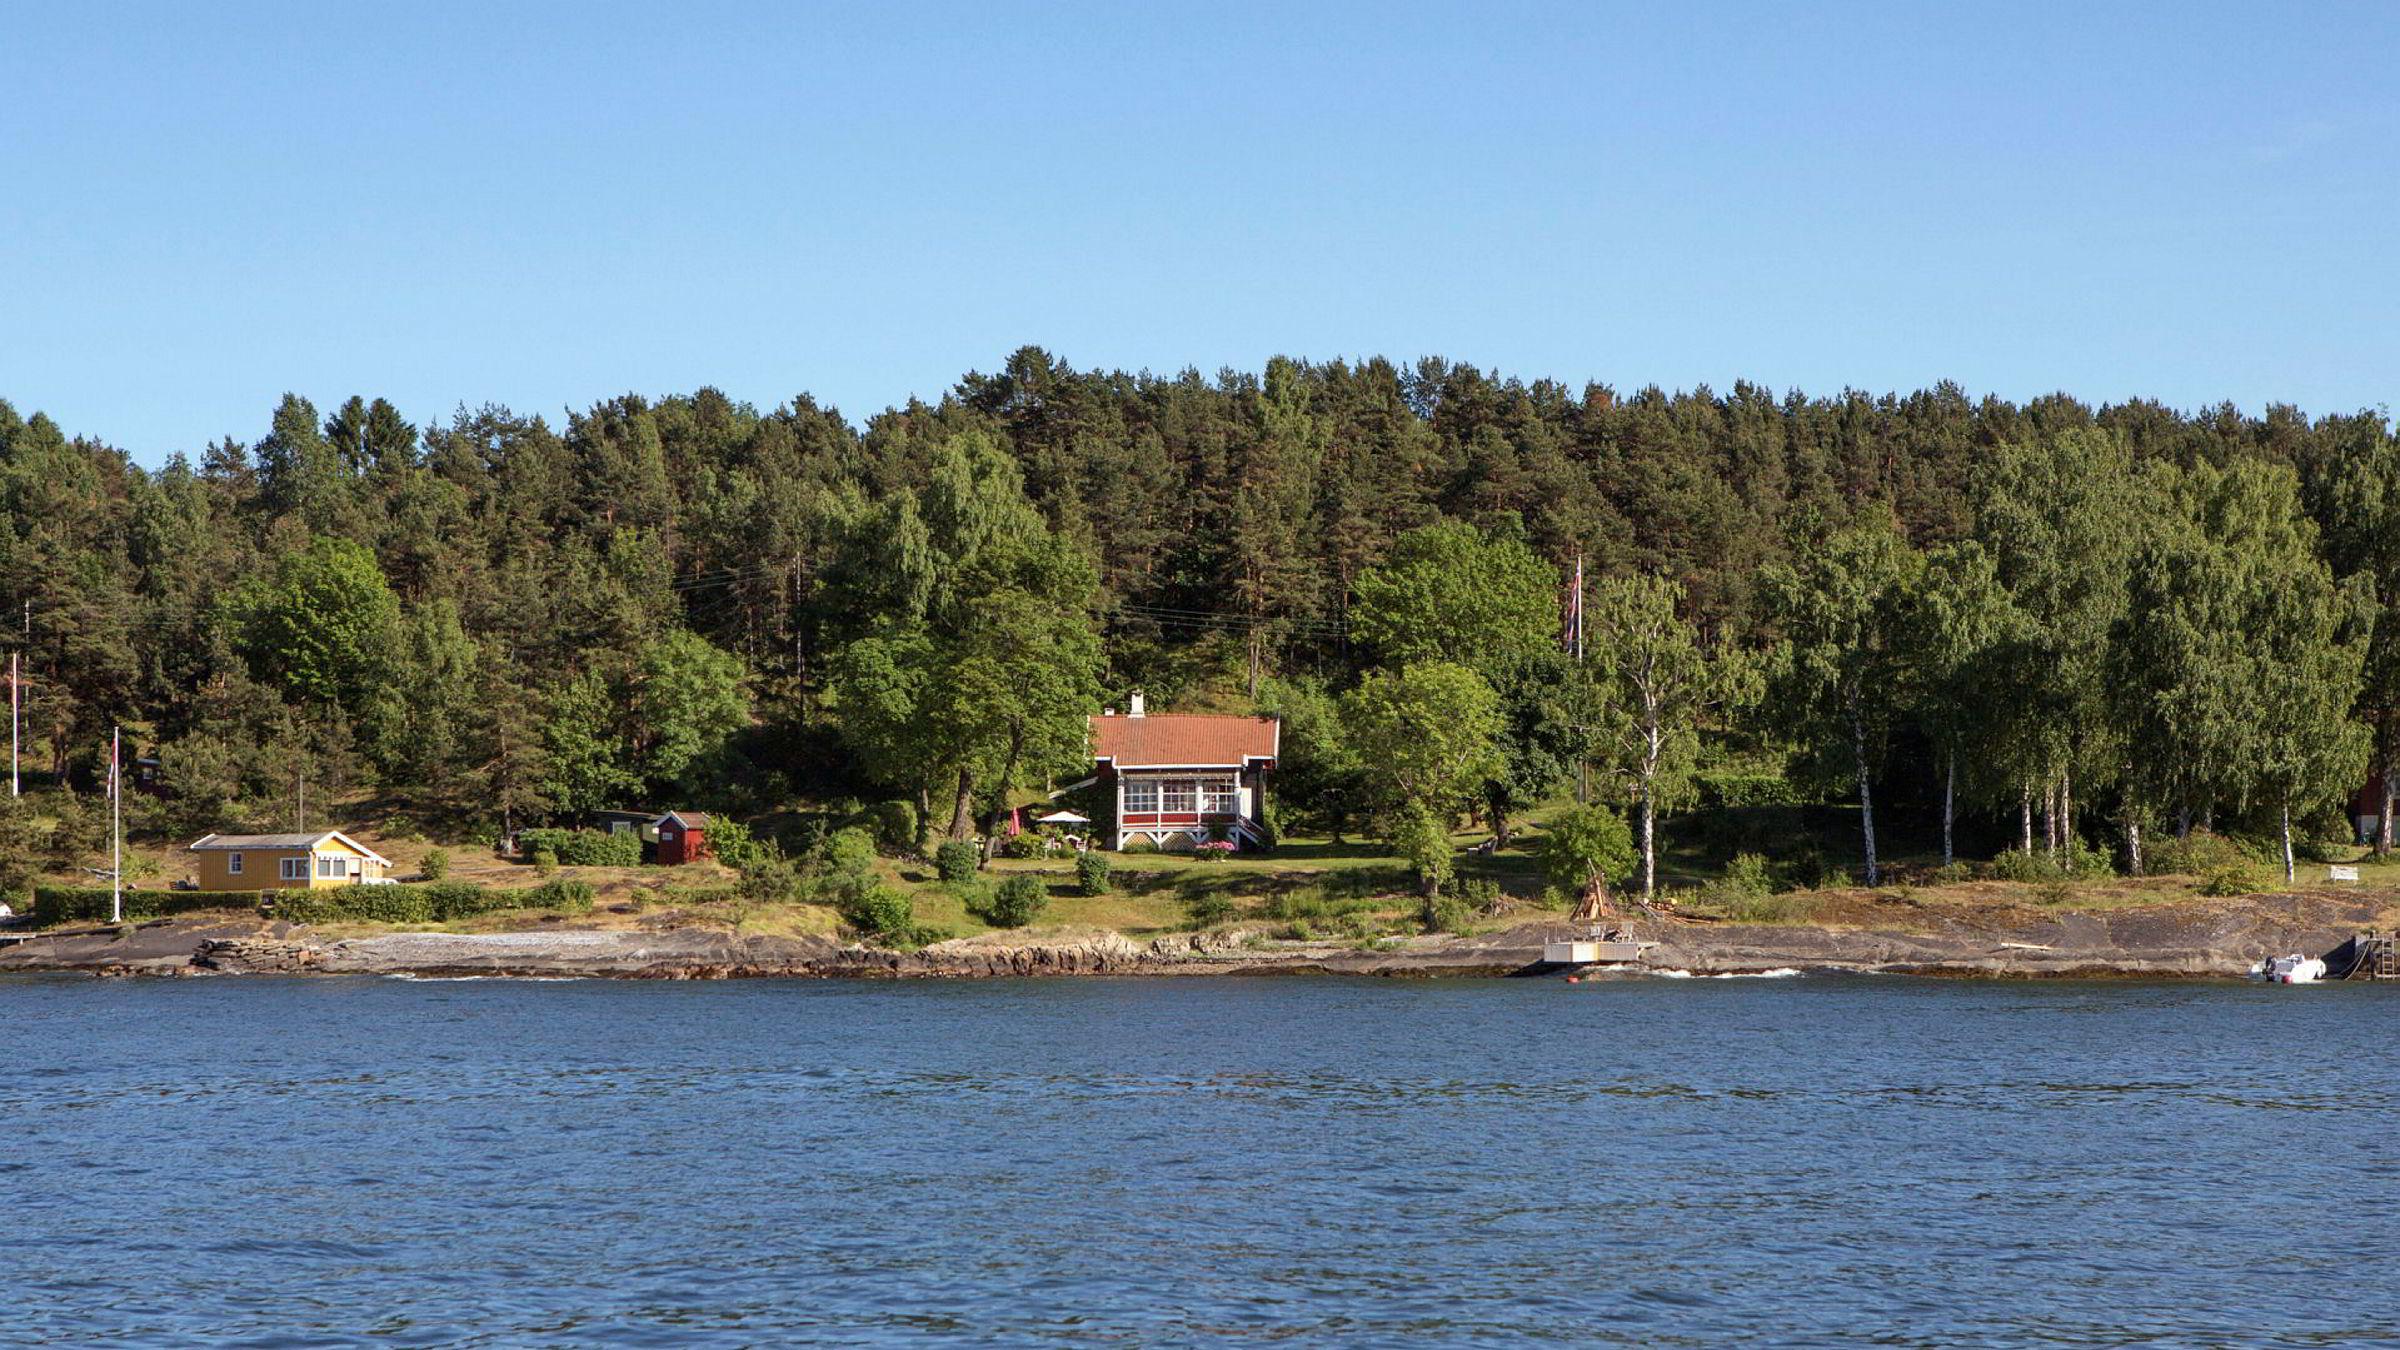 Hytte på Lindøya i Oslo kan knuse tidligere prisrekord på øya, hvis selger får prisantydningen på 14 millioner.